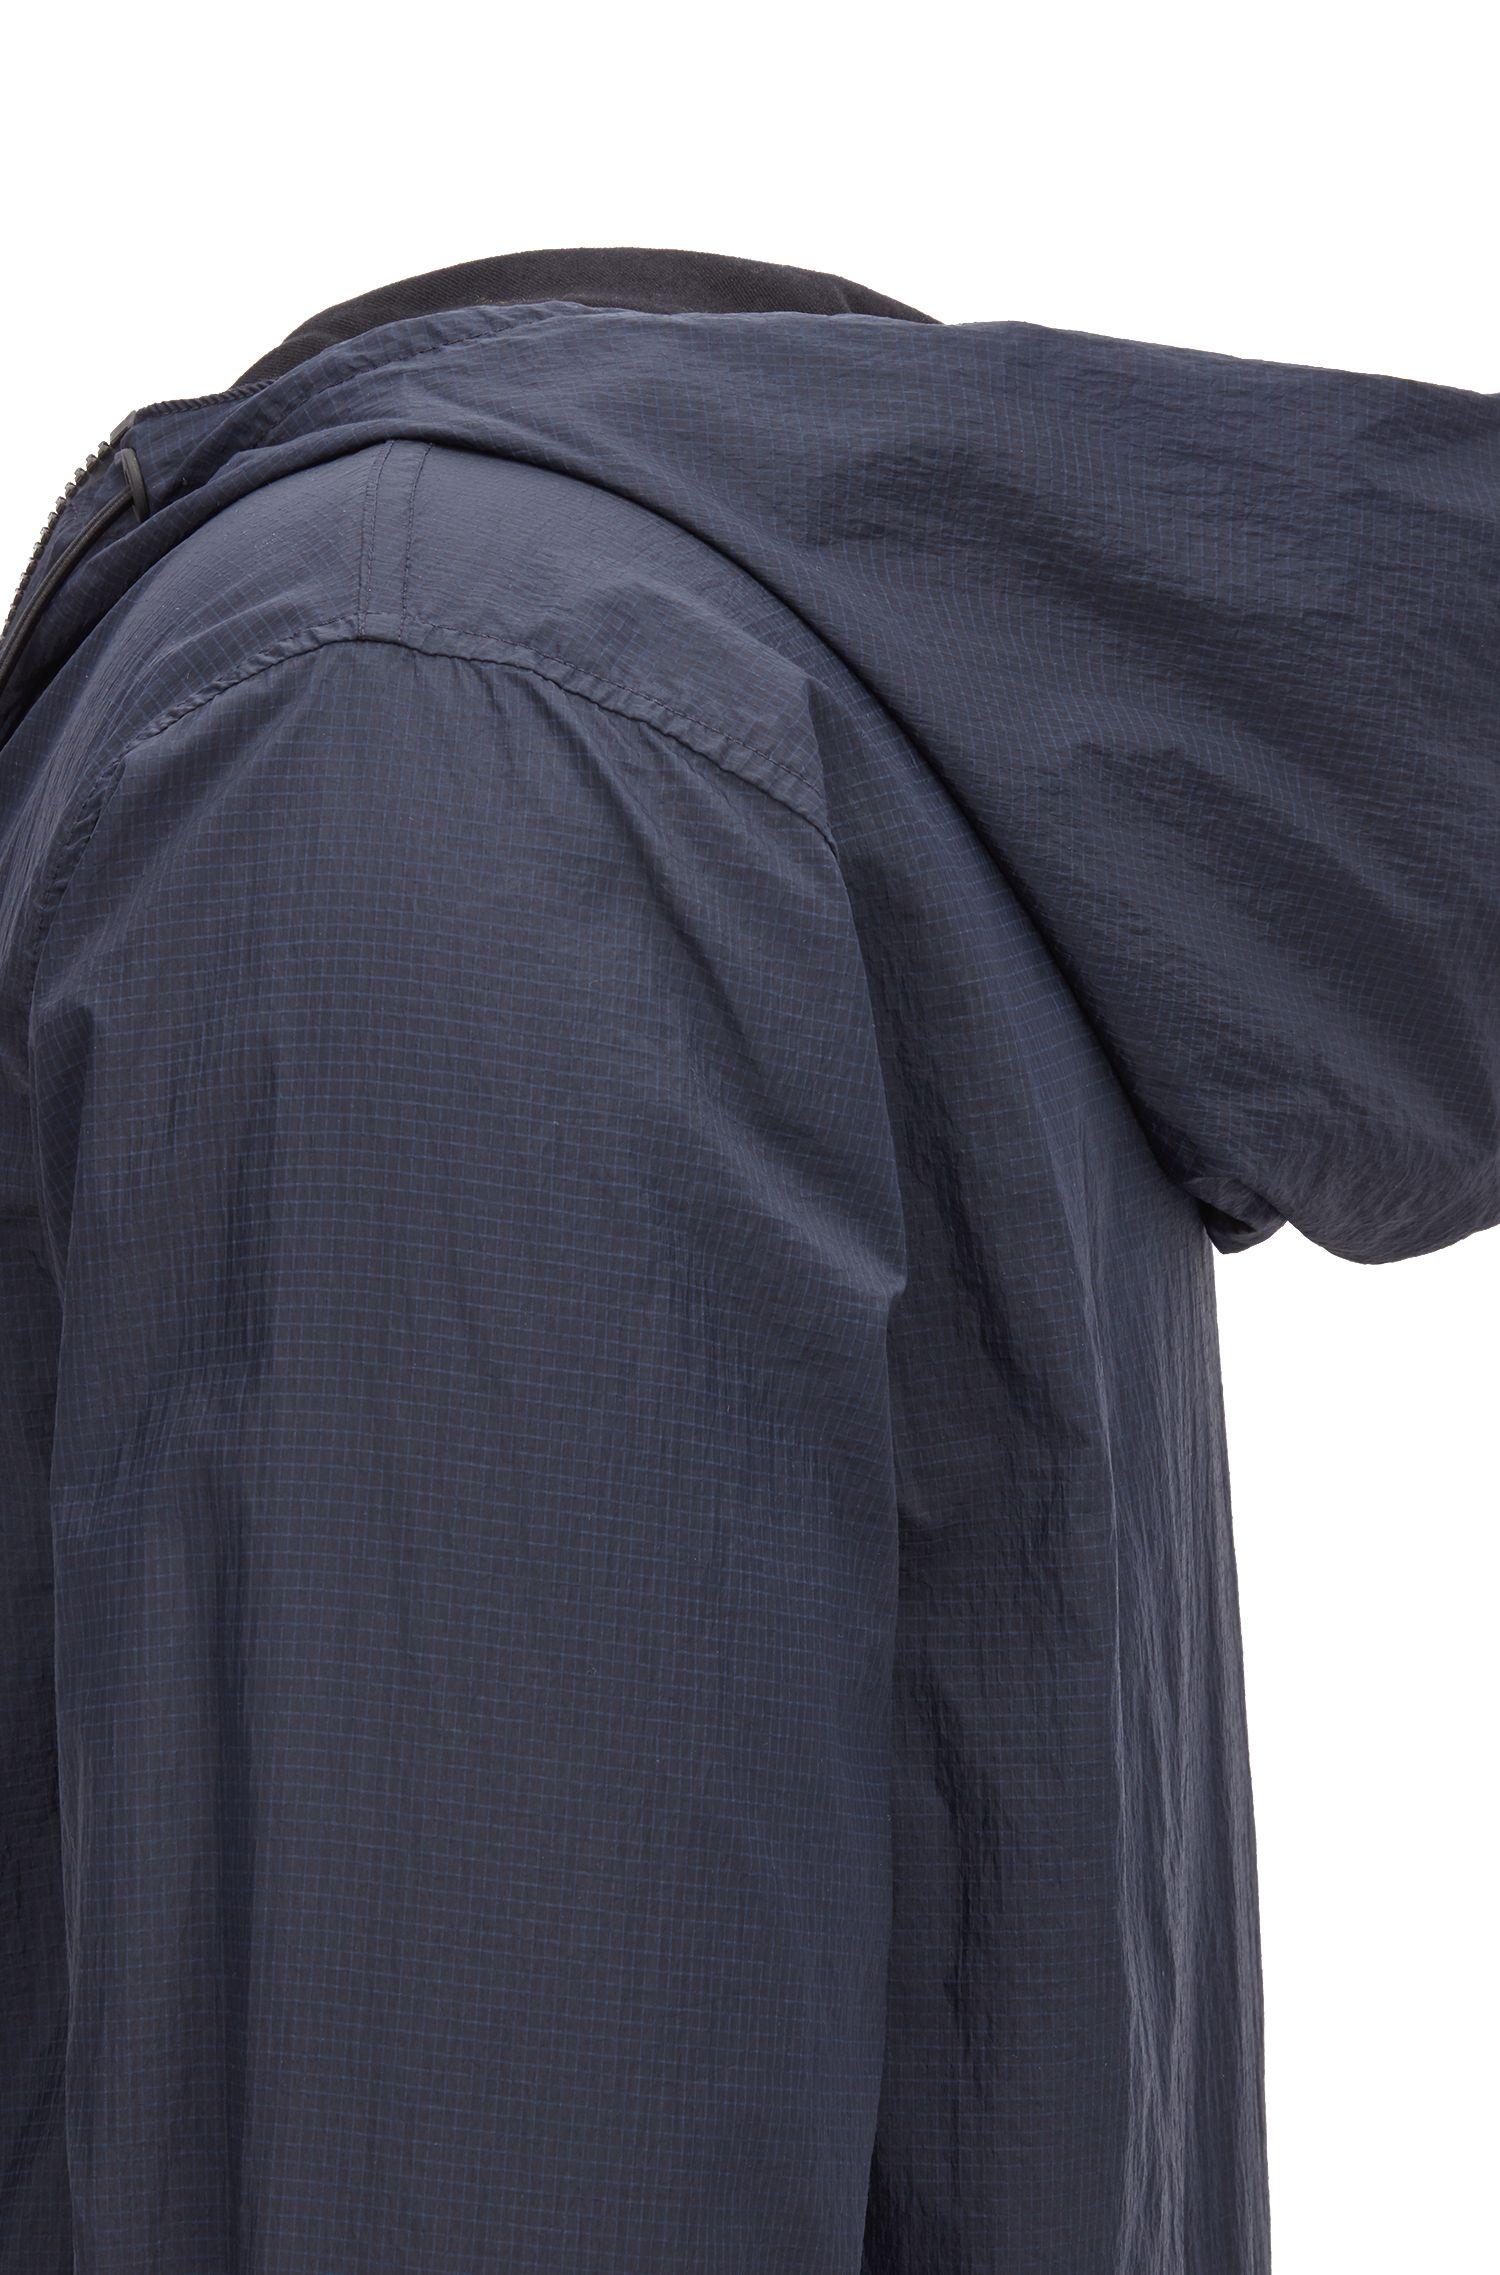 Dubbelzijdige jas met trekkoord, Zwart